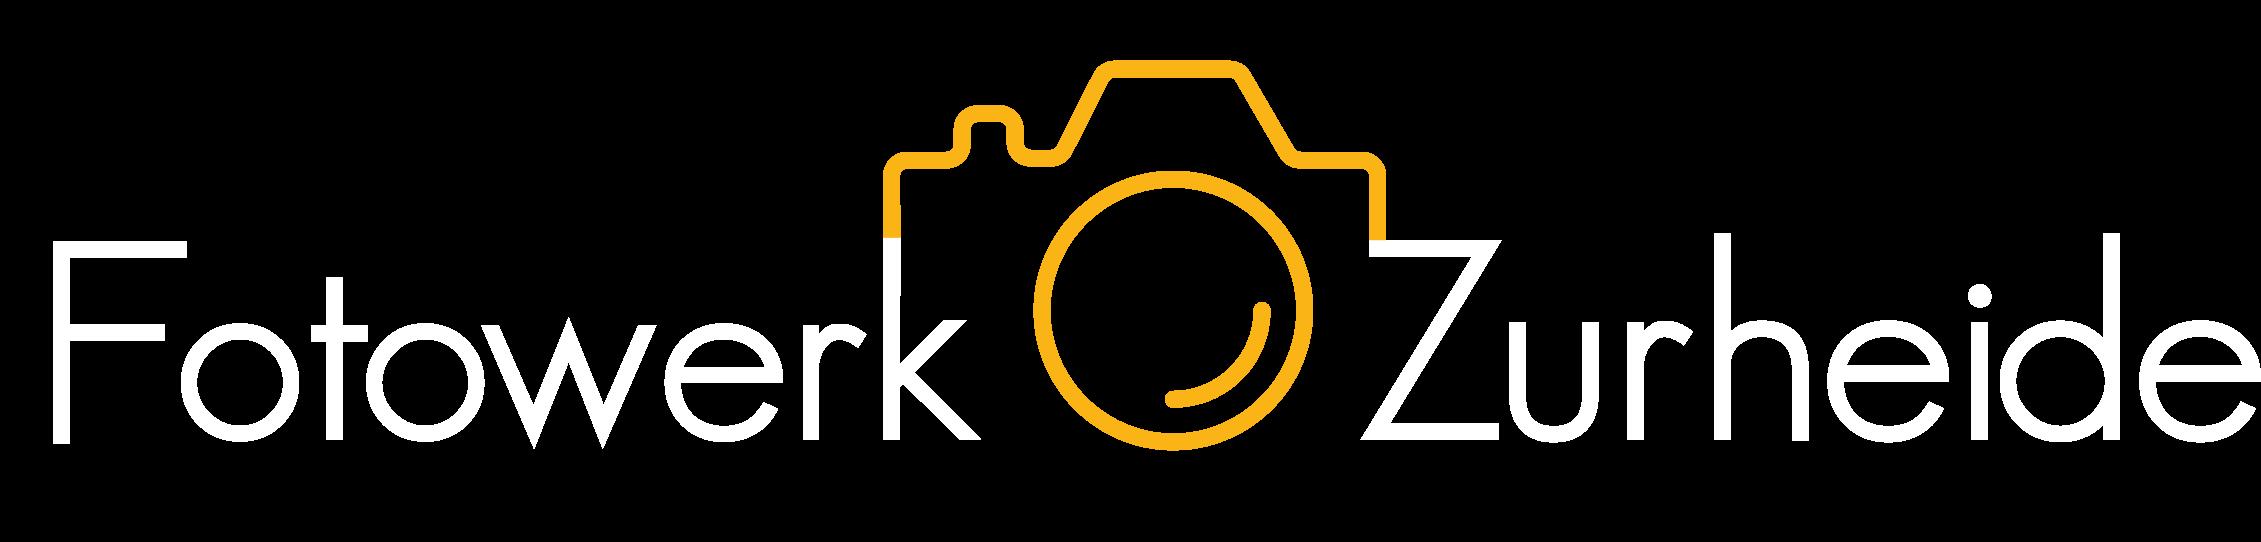 Fotowerk Zurheide